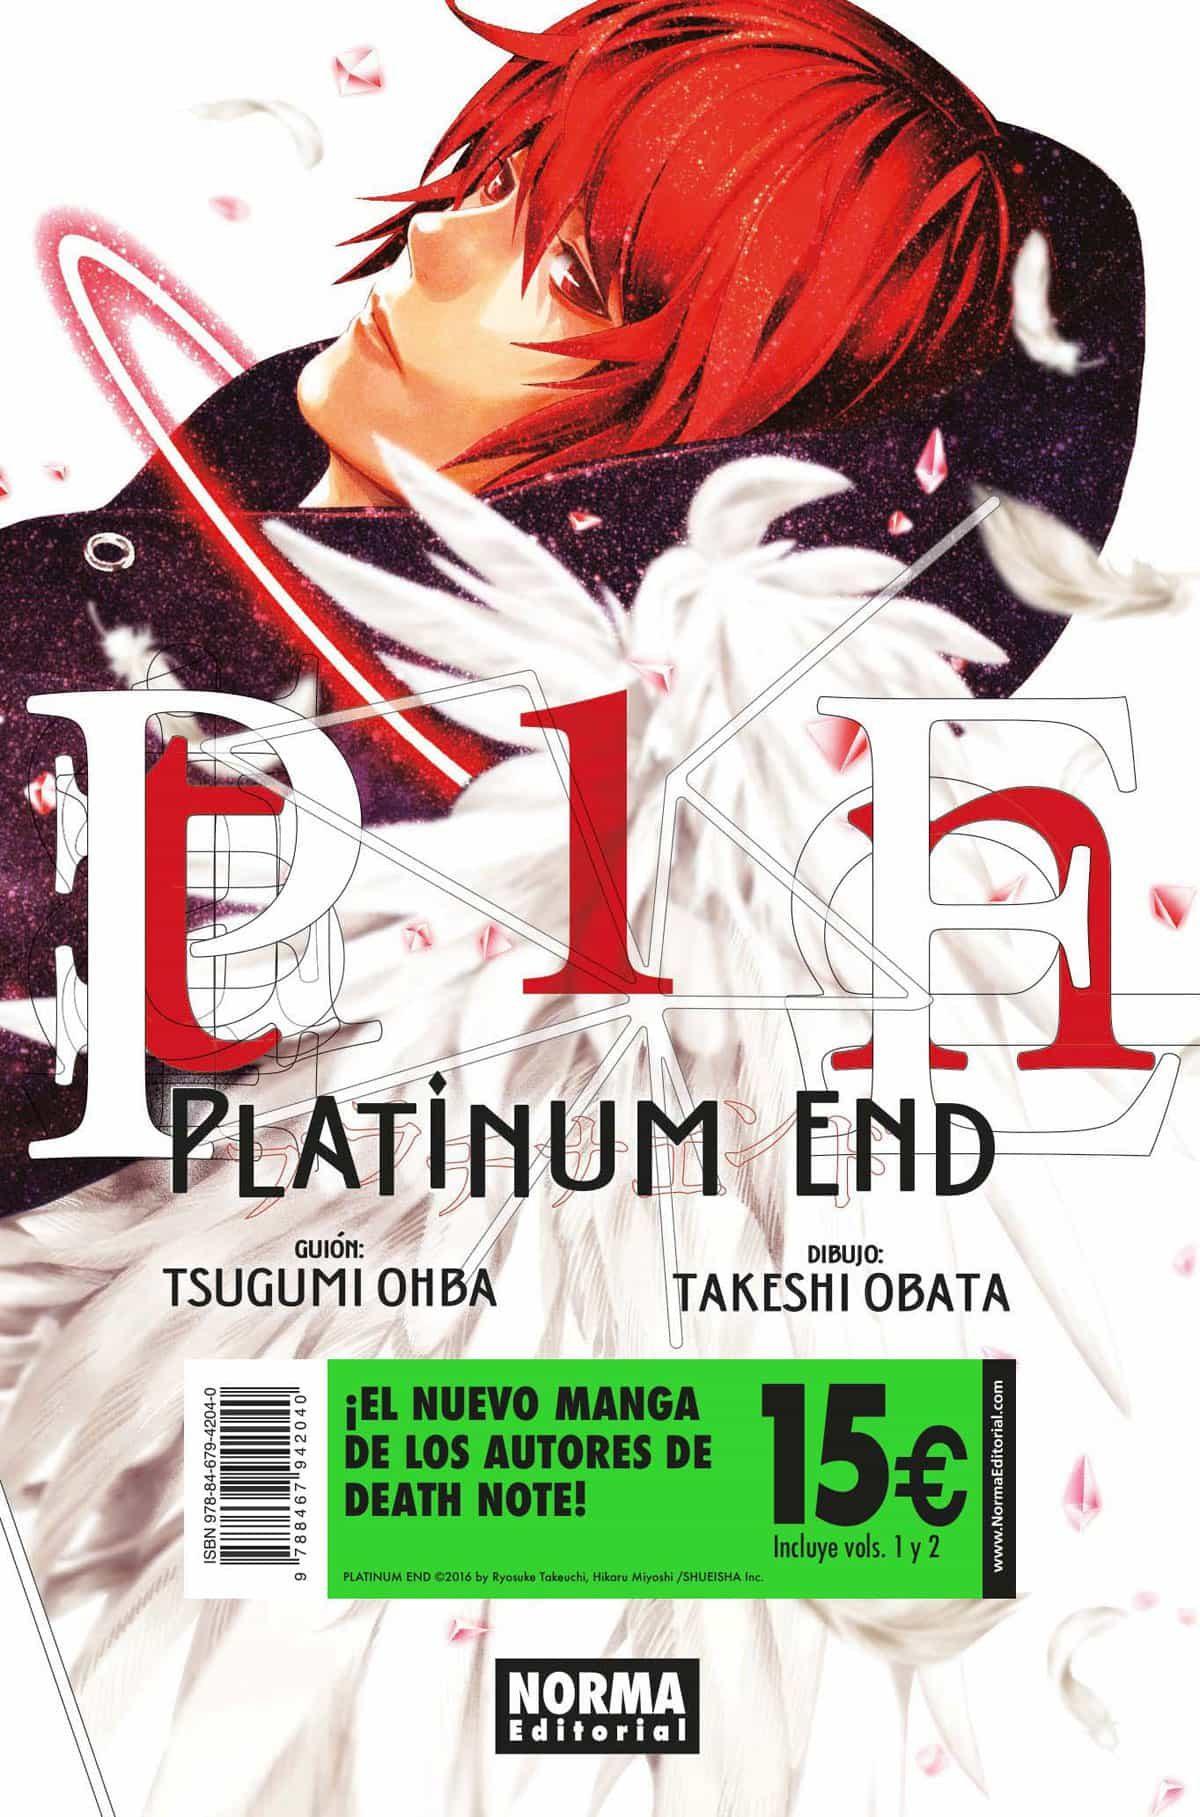 Pack De Iniciación Platinum End (incluye Platinum End 1 Y 2) - Ohba Tsugumi